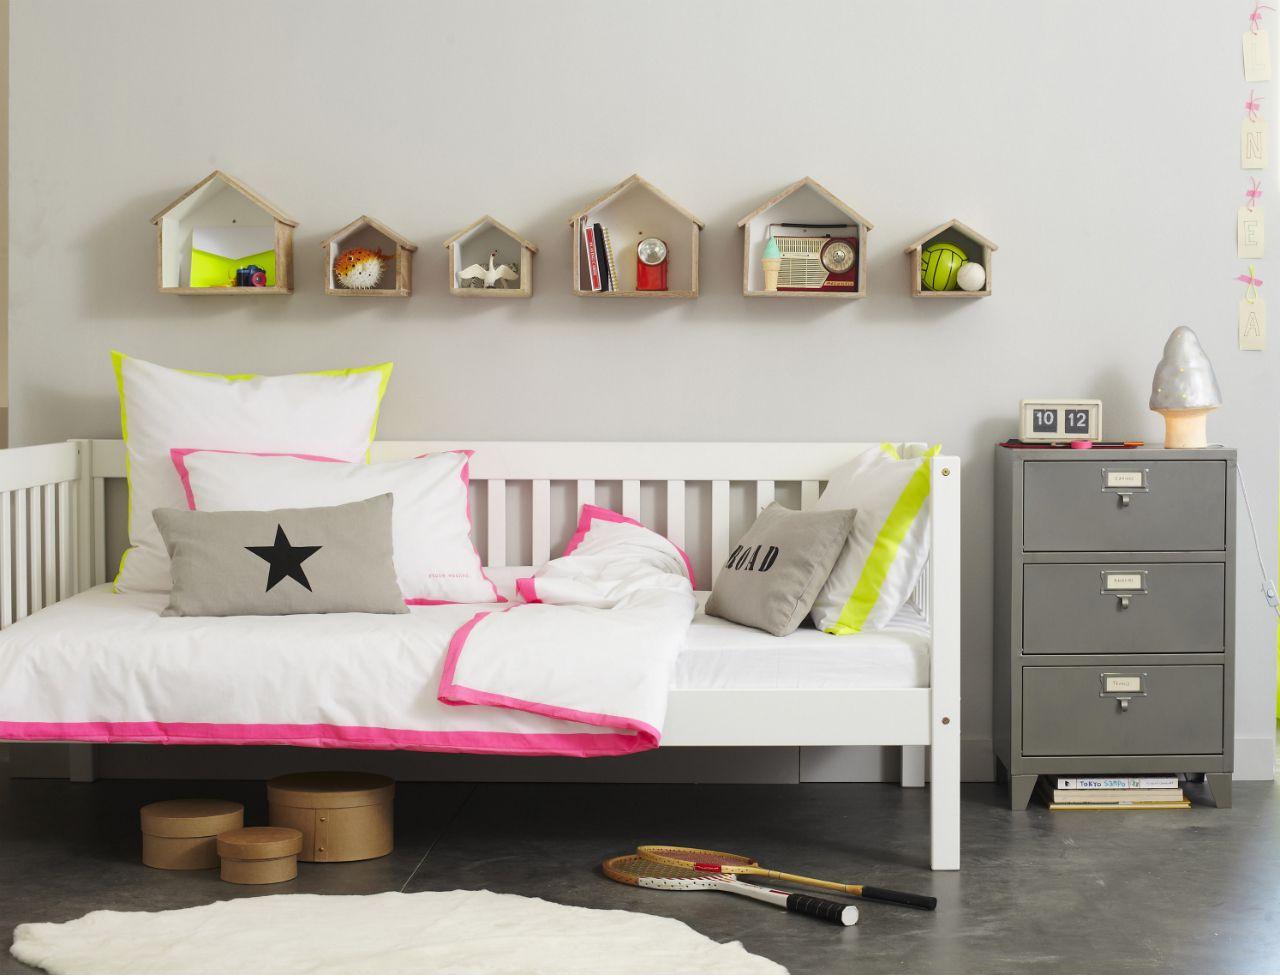 Chambre deco enfant dcoration chambre enfant bb hibou for Amnagement chambre bb